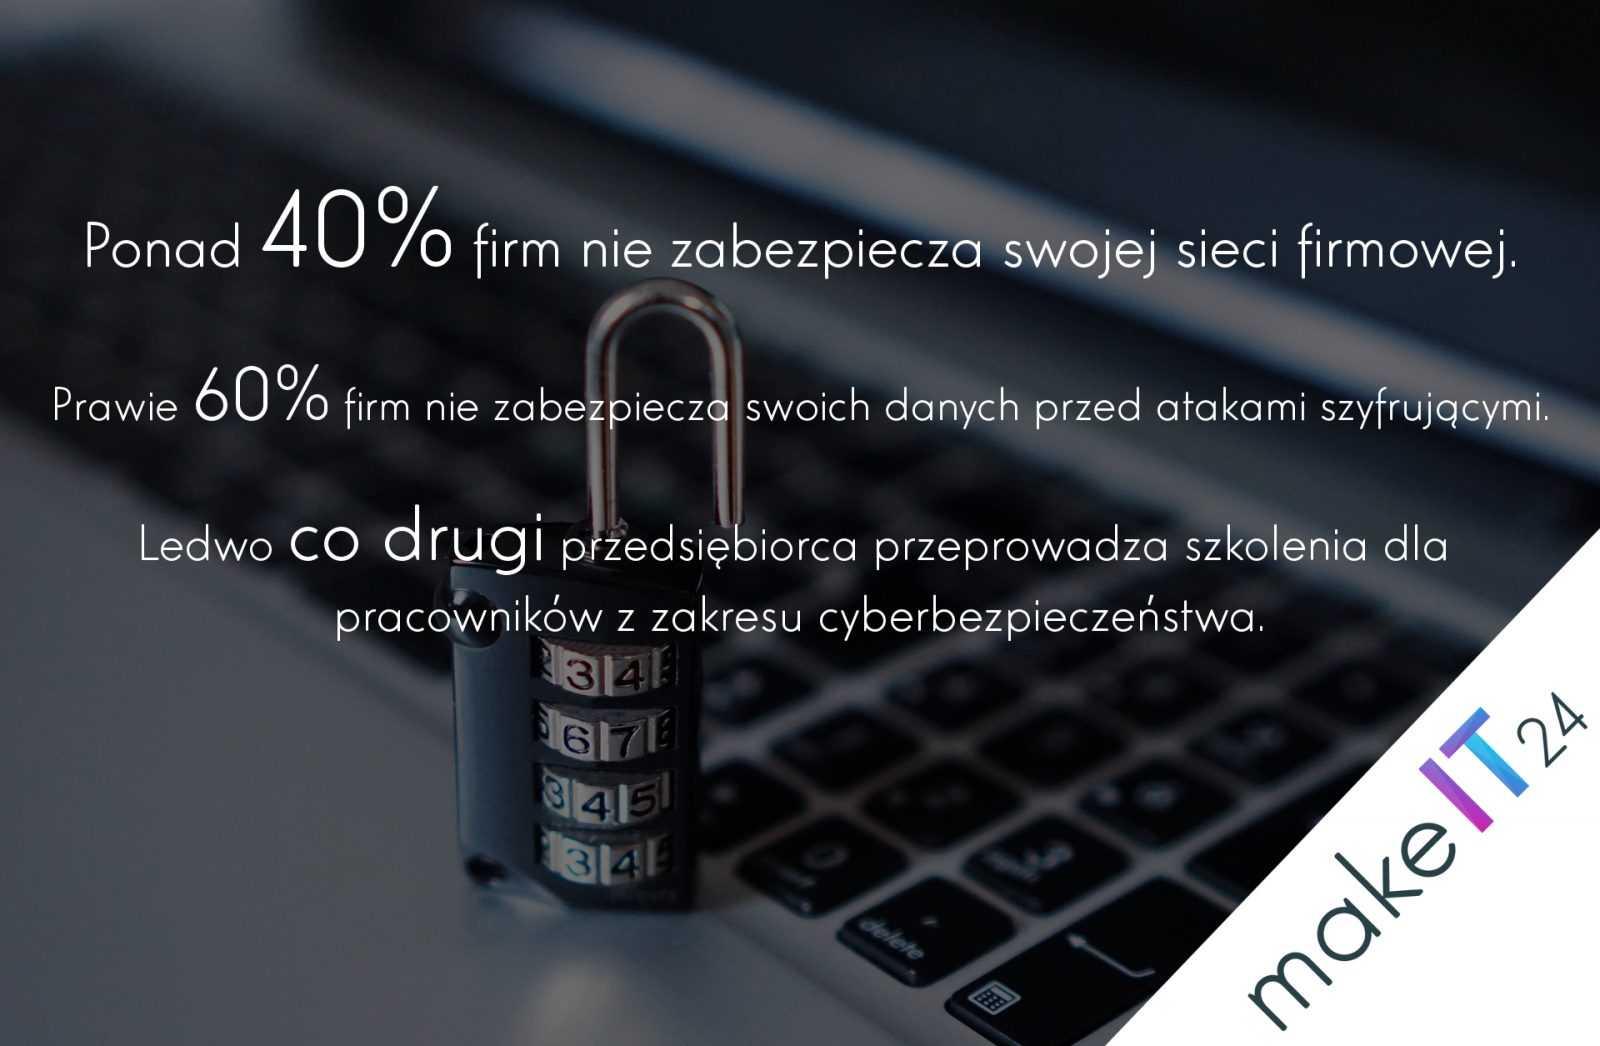 siec firmowa, zabezpieczenia, firewall, obsługa informatyczna, makeit24